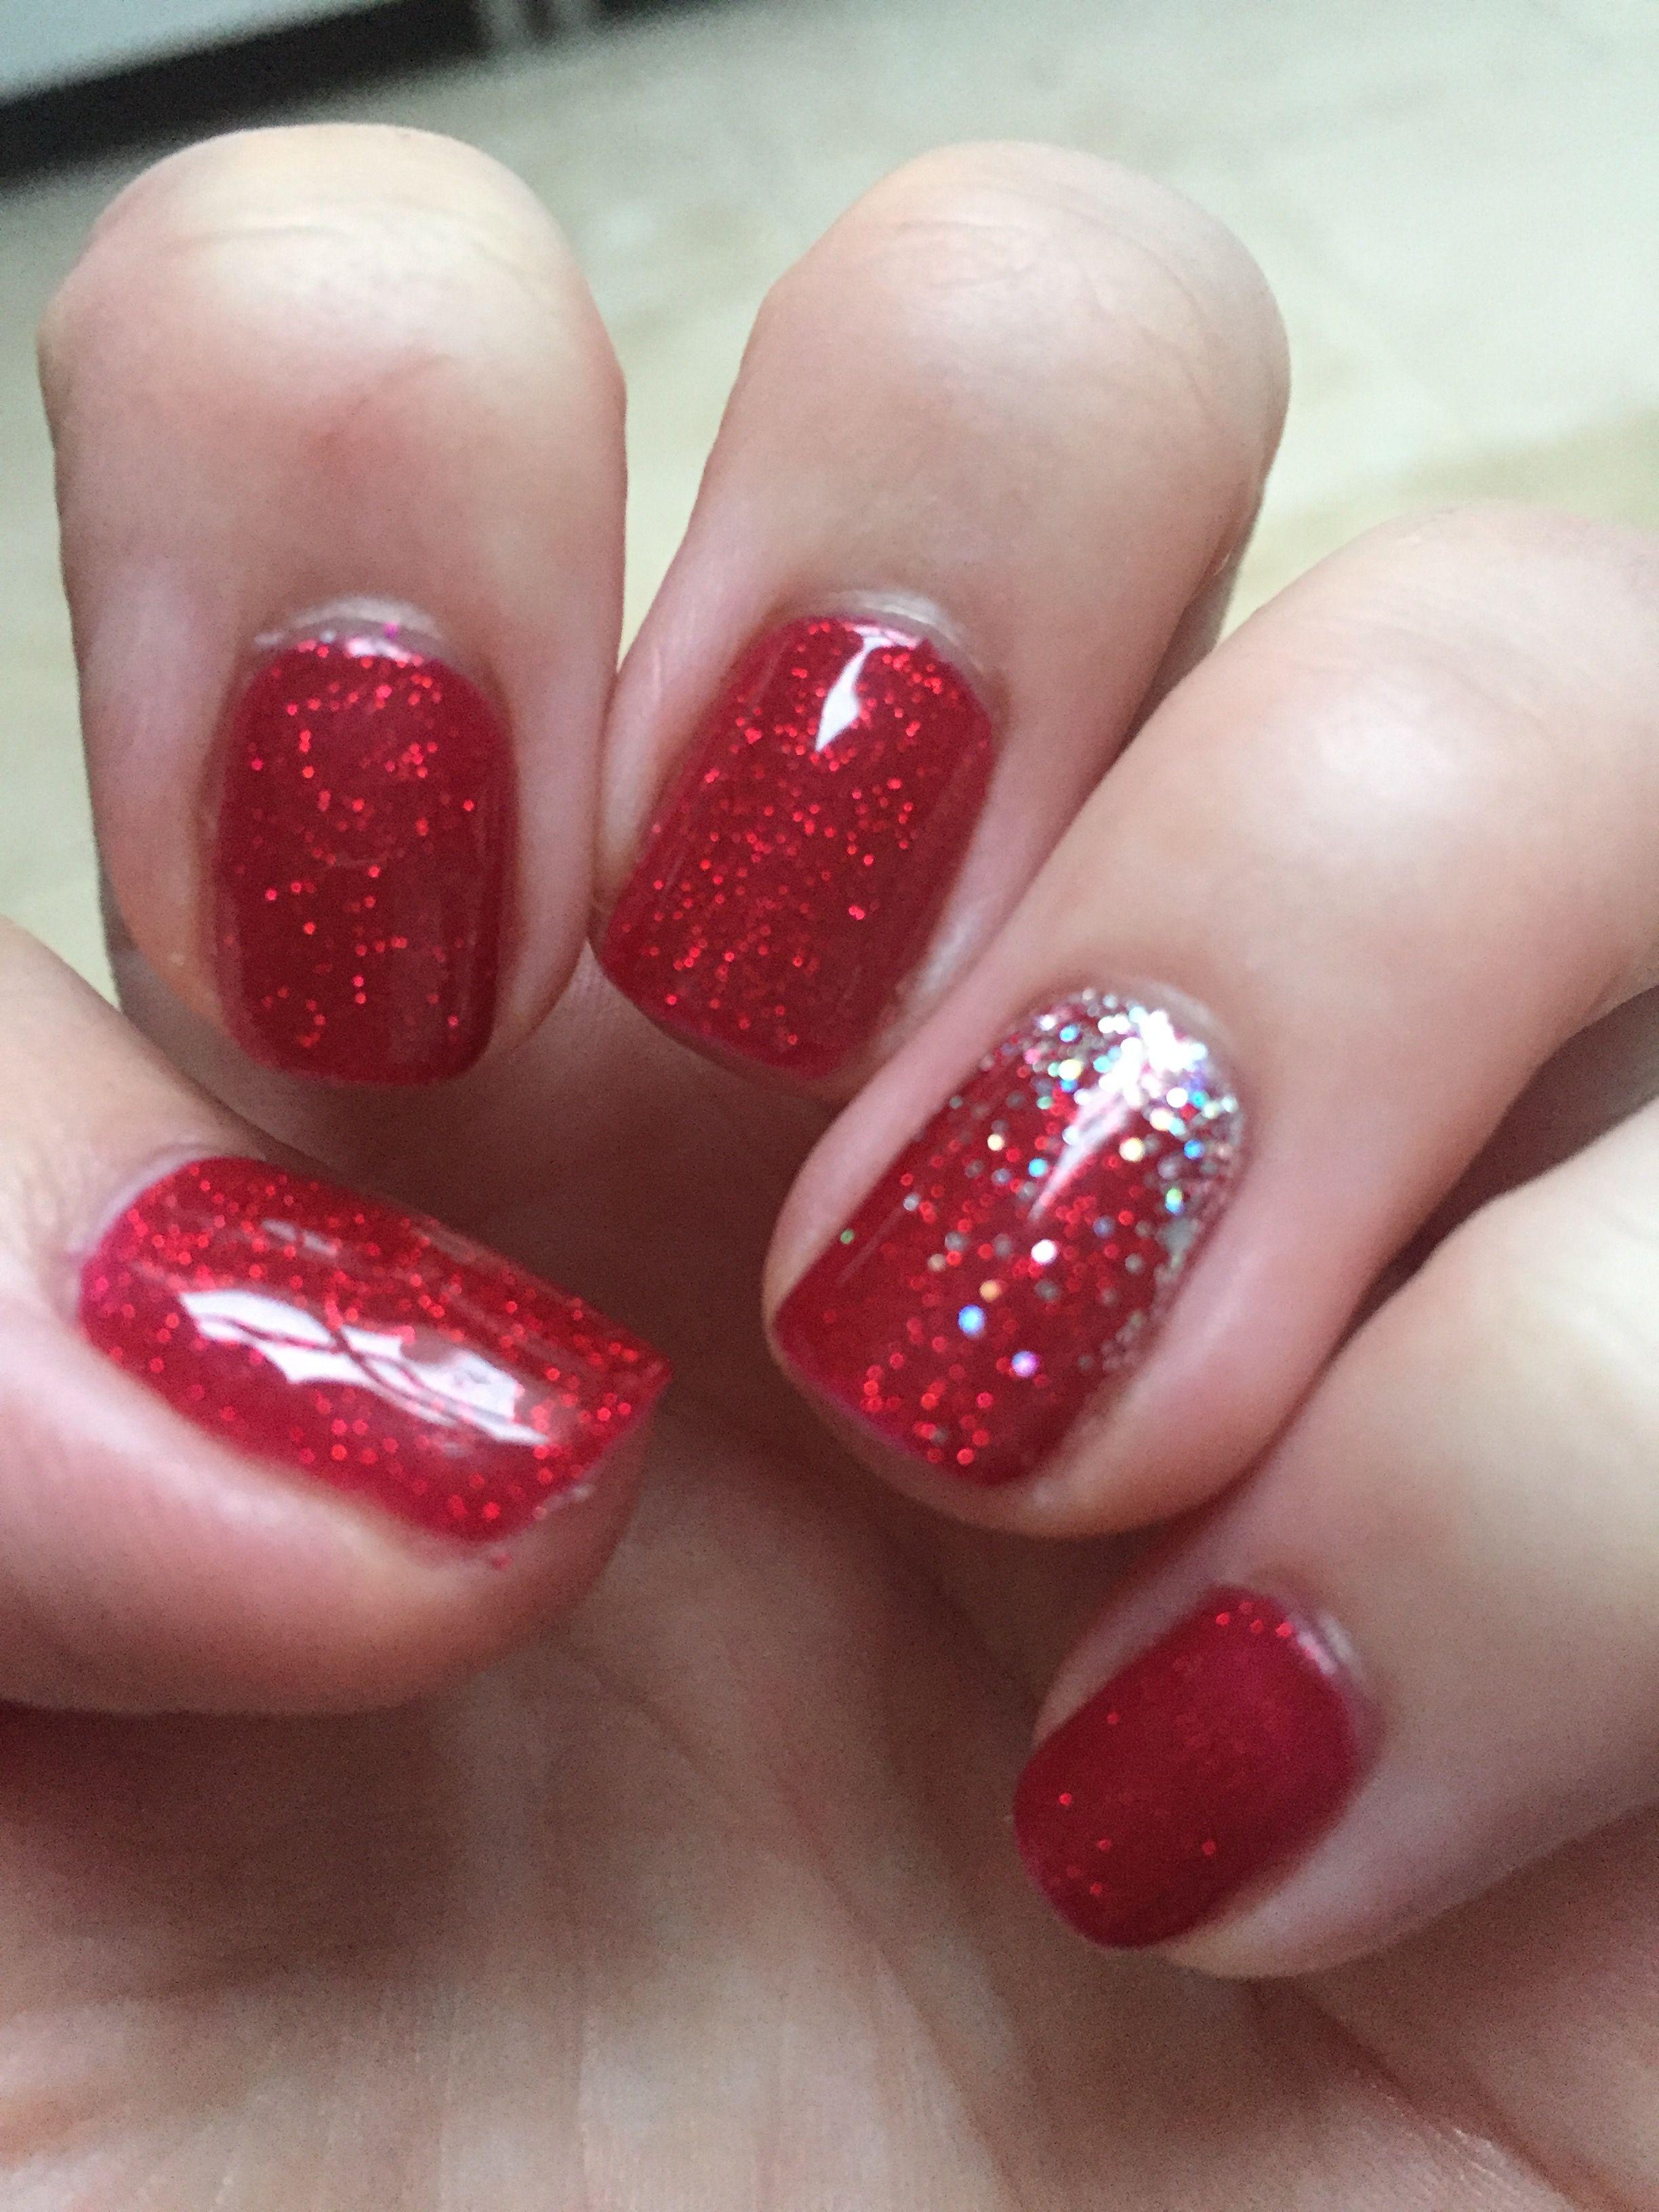 Christmas Nails Shellac Red Shellac Nails Holiday Nails Shellac Designs